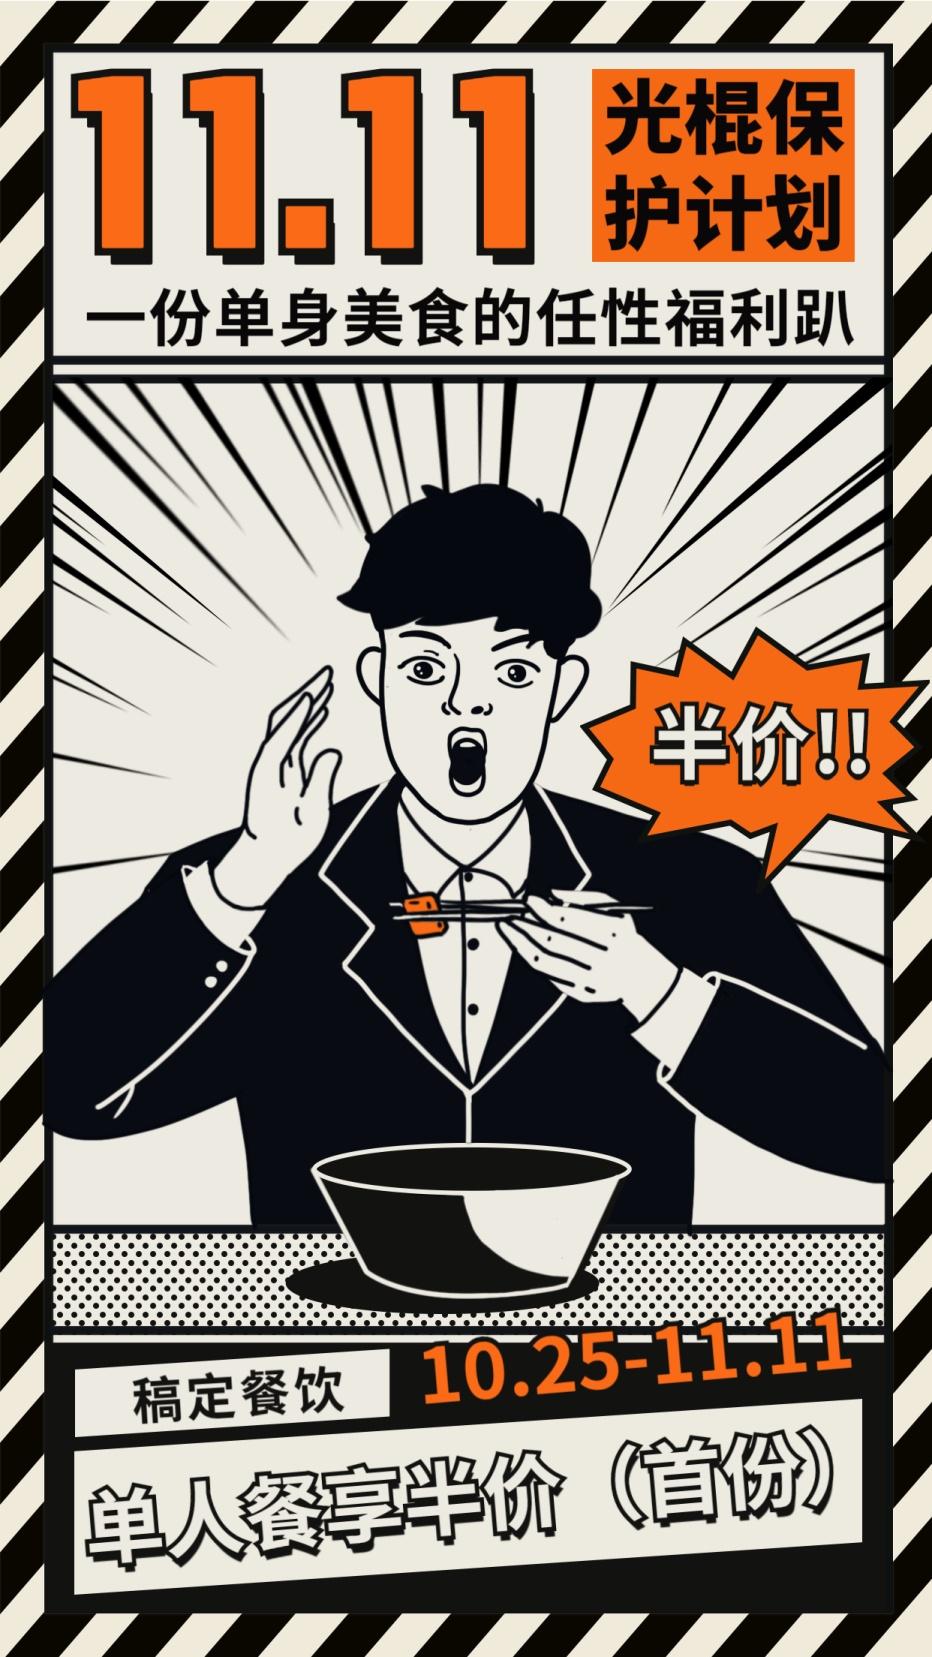 双十一促销福利/单身光棍/餐饮美食/手机海报